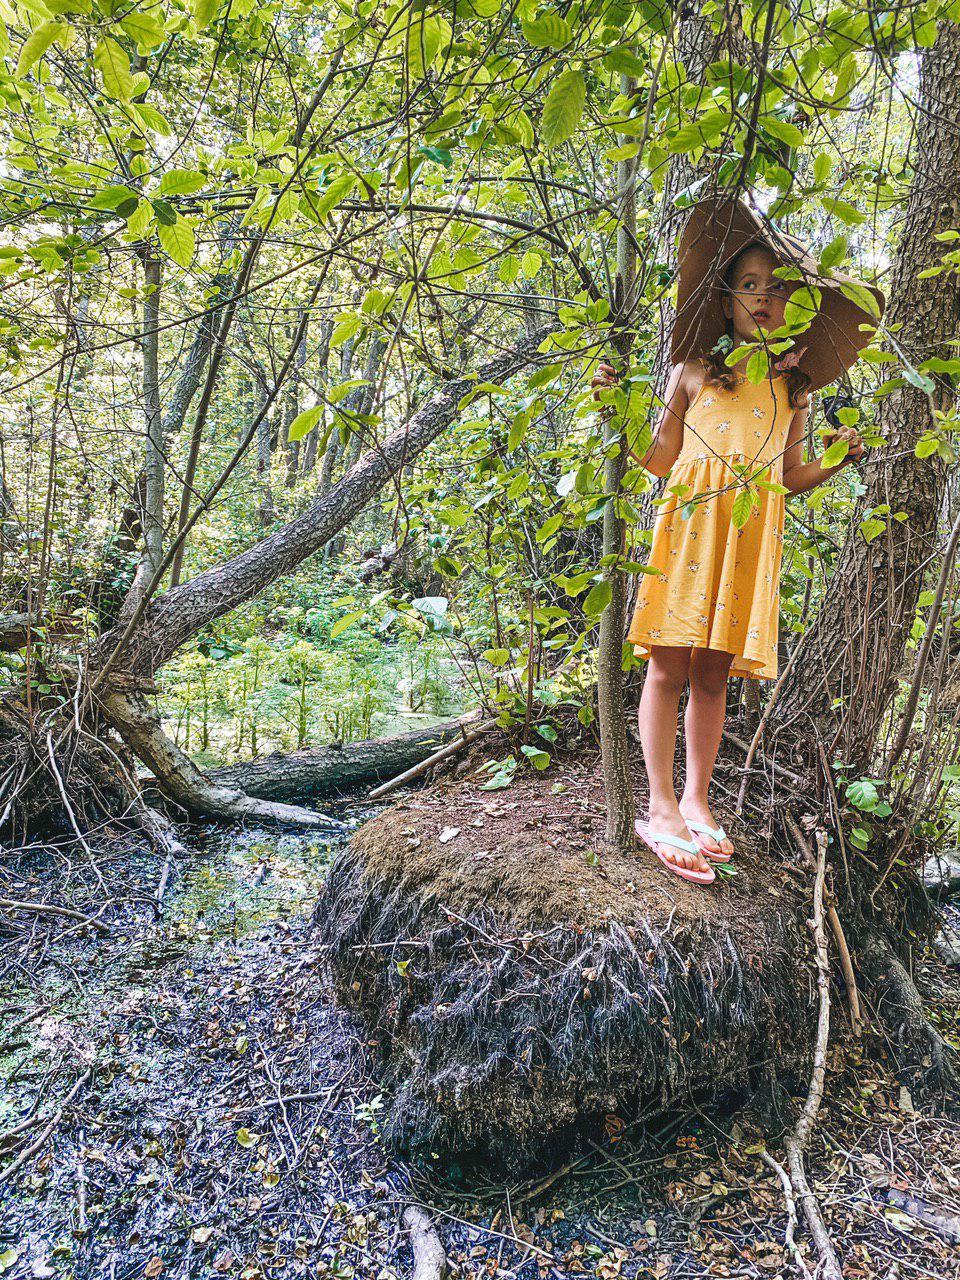 ковалевская сага, геродотов лес